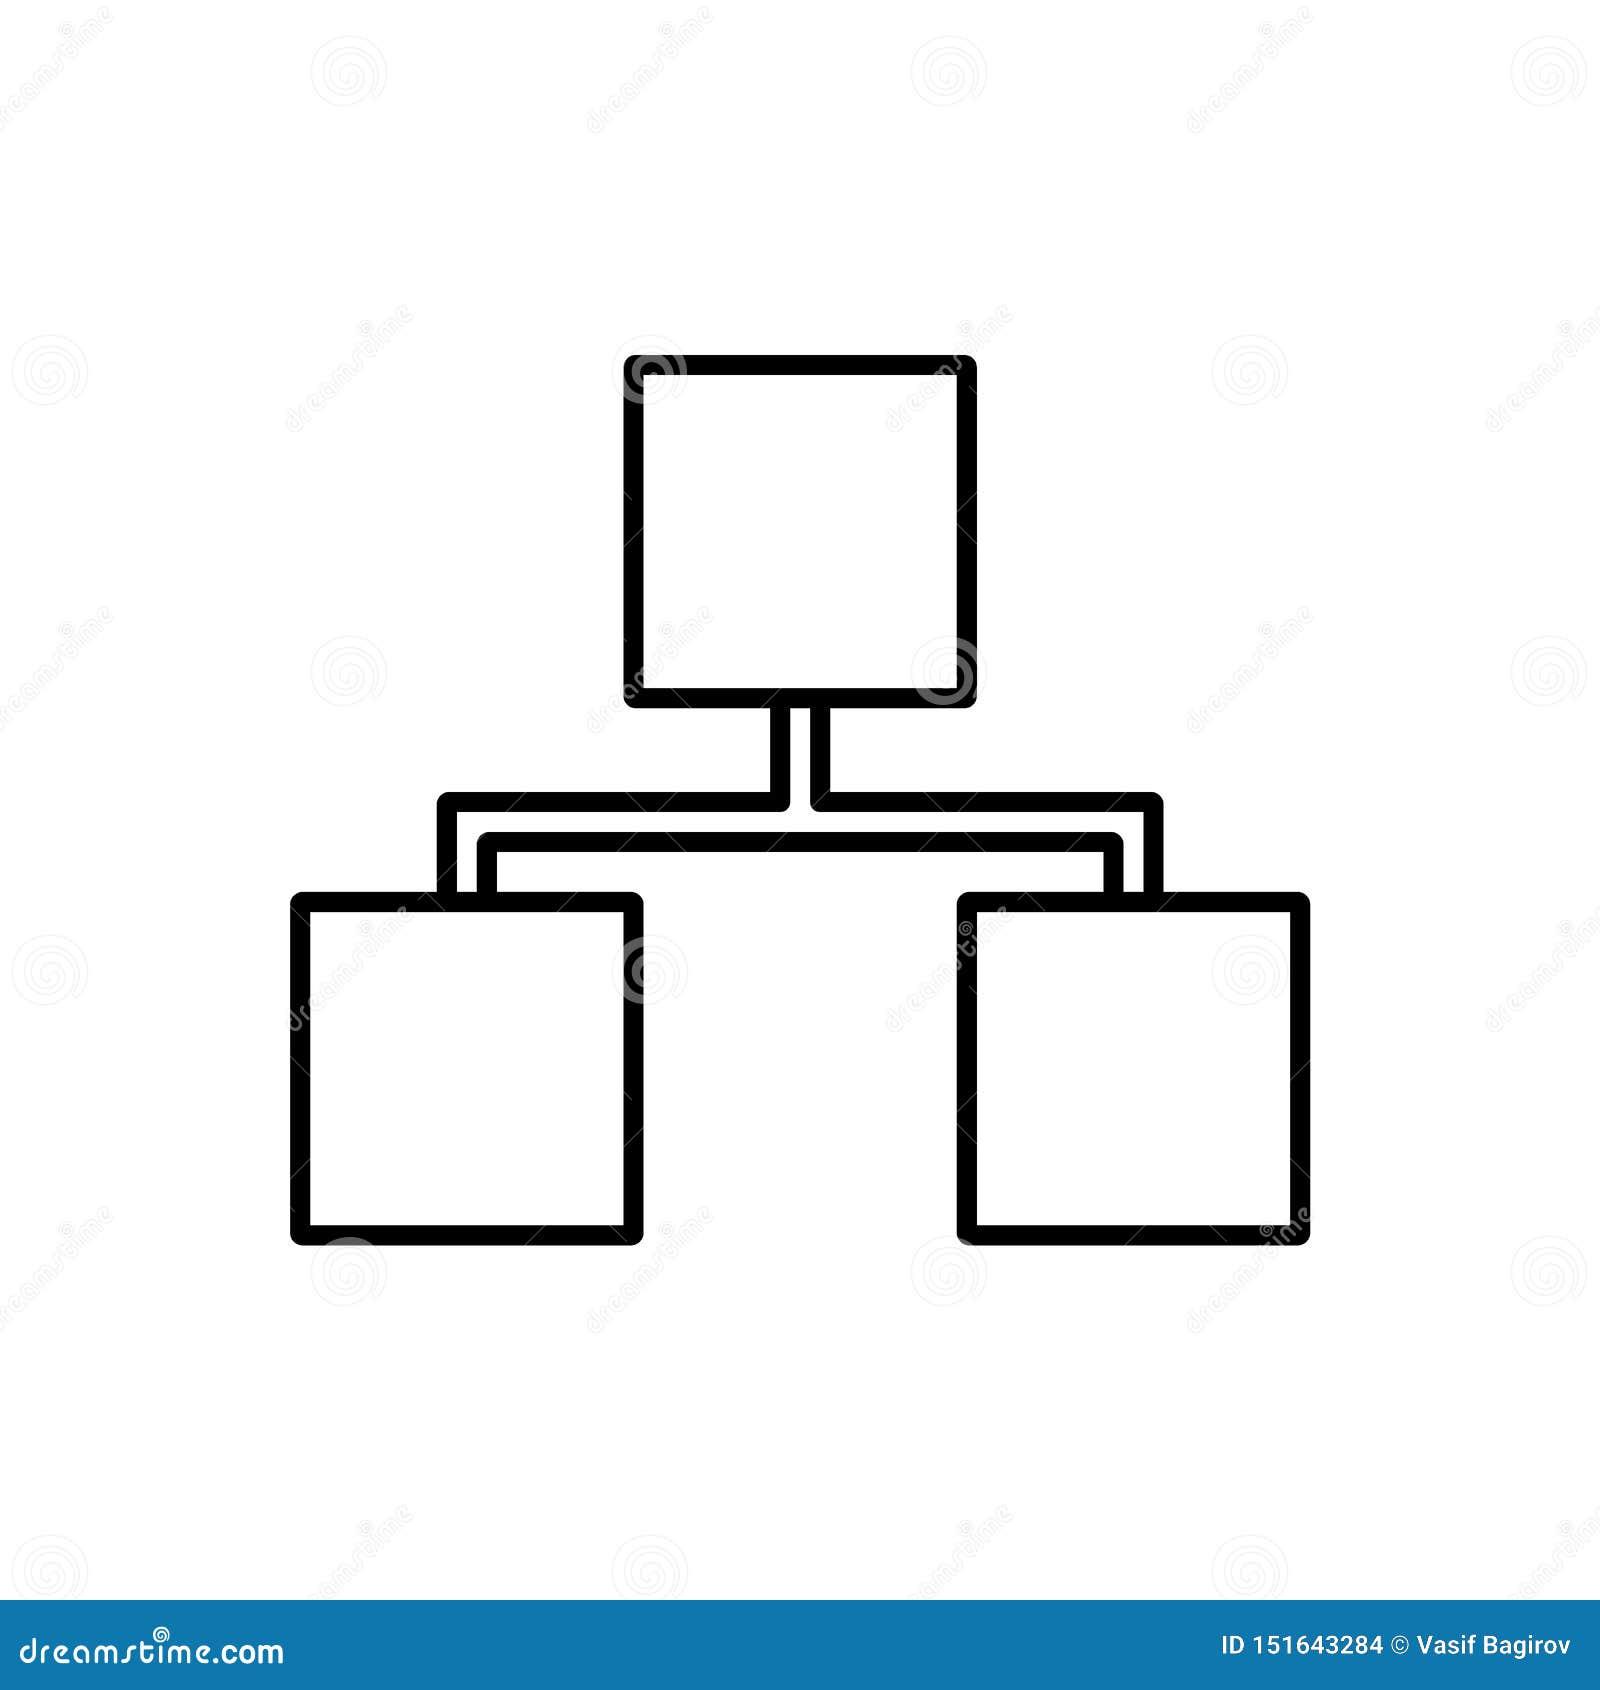 База данных, сервер, значок хранения - вектор Значок вектора базы данных